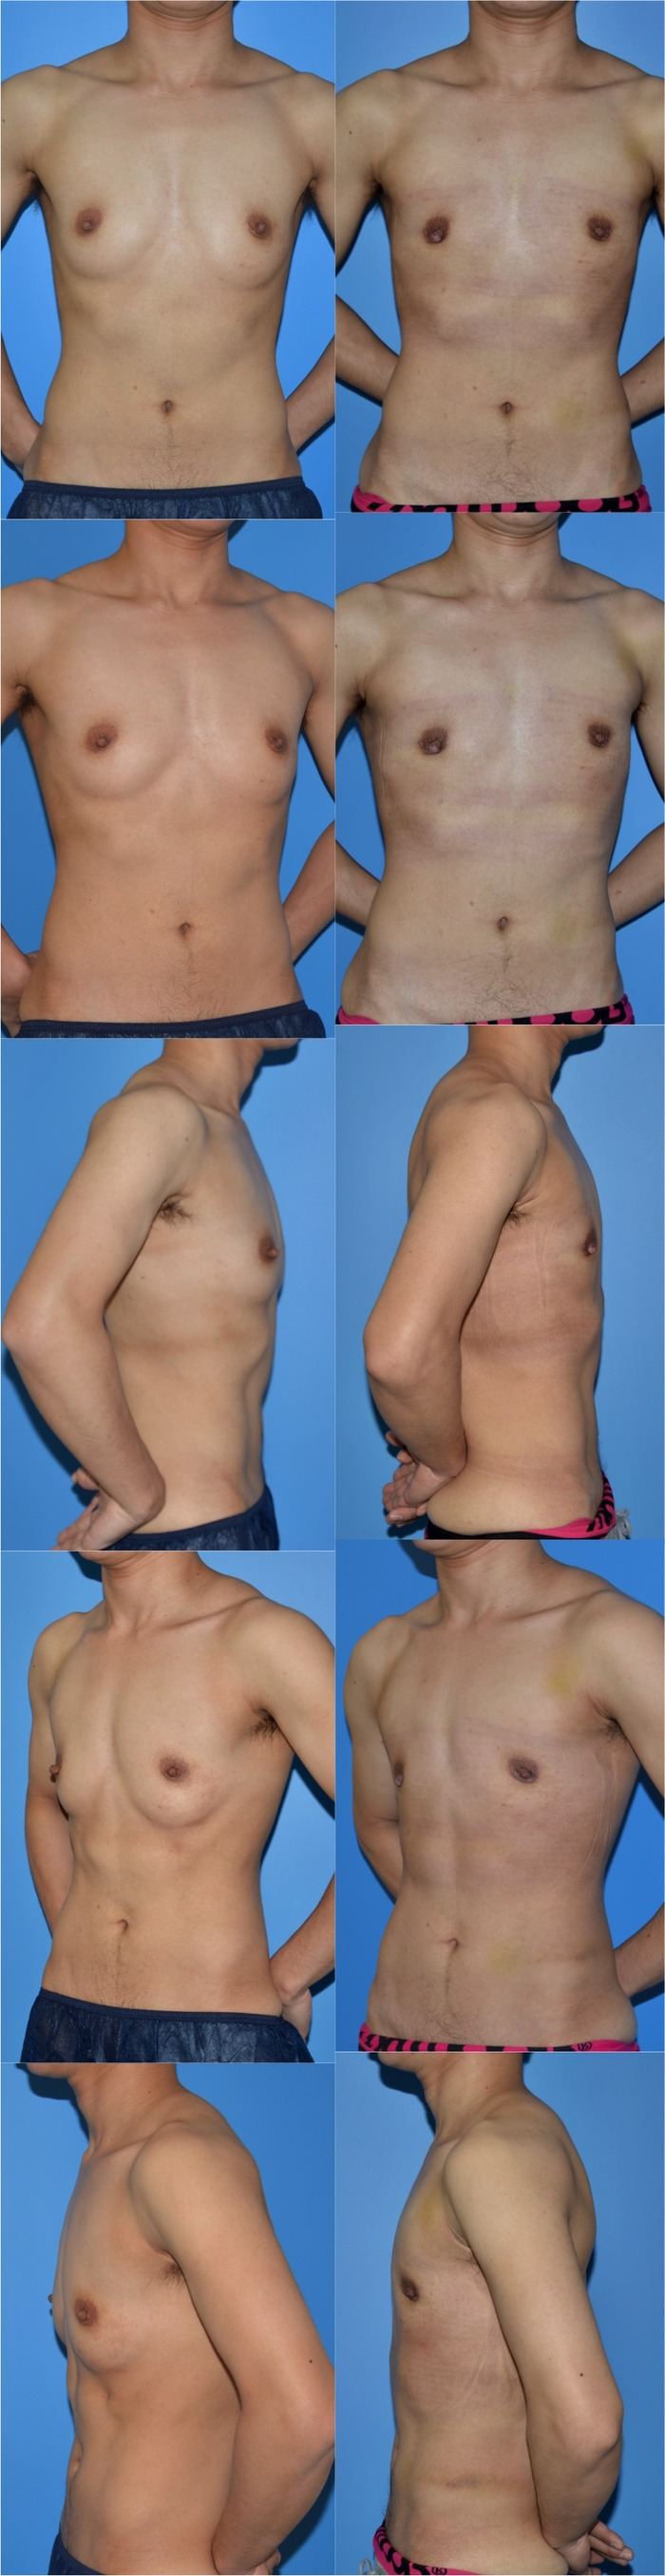 乳腺切除sa 術後1ヶ月